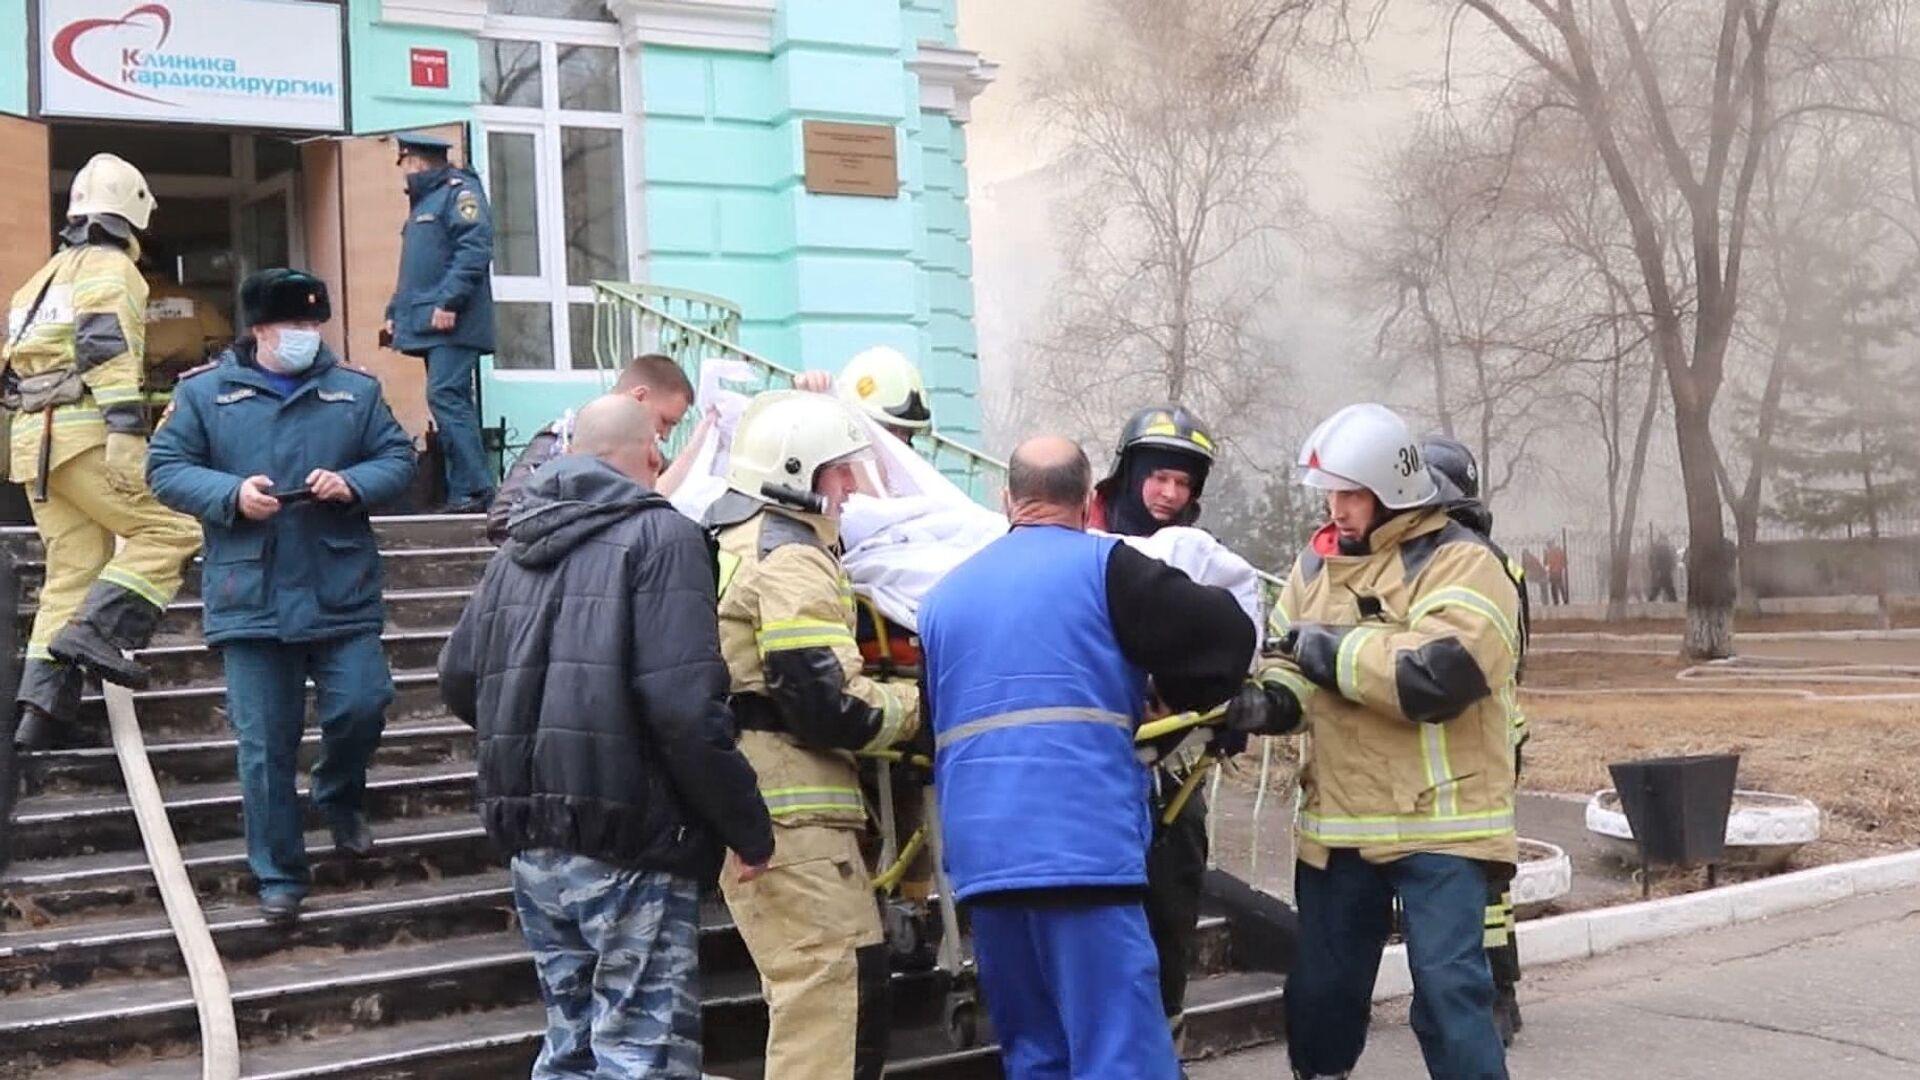 Пожар в кардиохирургическом центре в Благовещенске - Sputnik Таджикистан, 1920, 04.04.2021